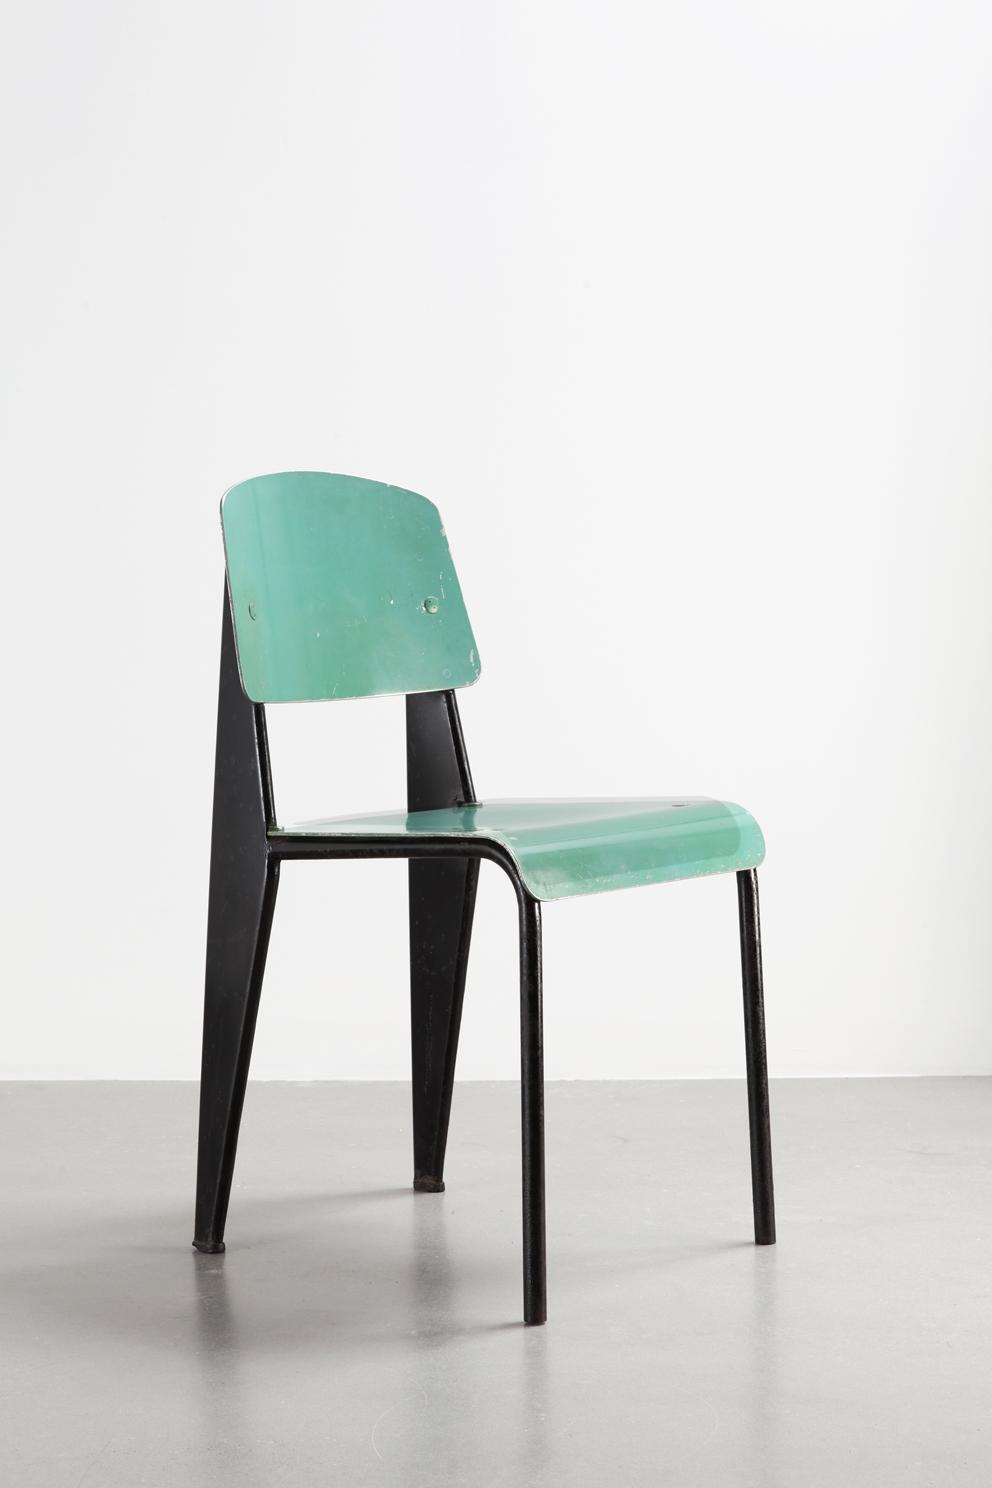 Jean Prouvé, Métropole sedia n.305, versione con sedile e schienale in alluminio, ca. 1953.